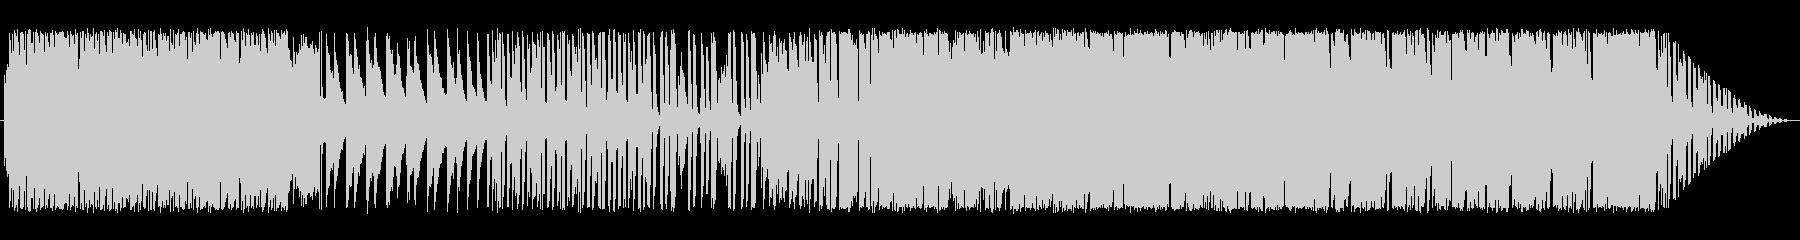 切ないピアノポップの未再生の波形